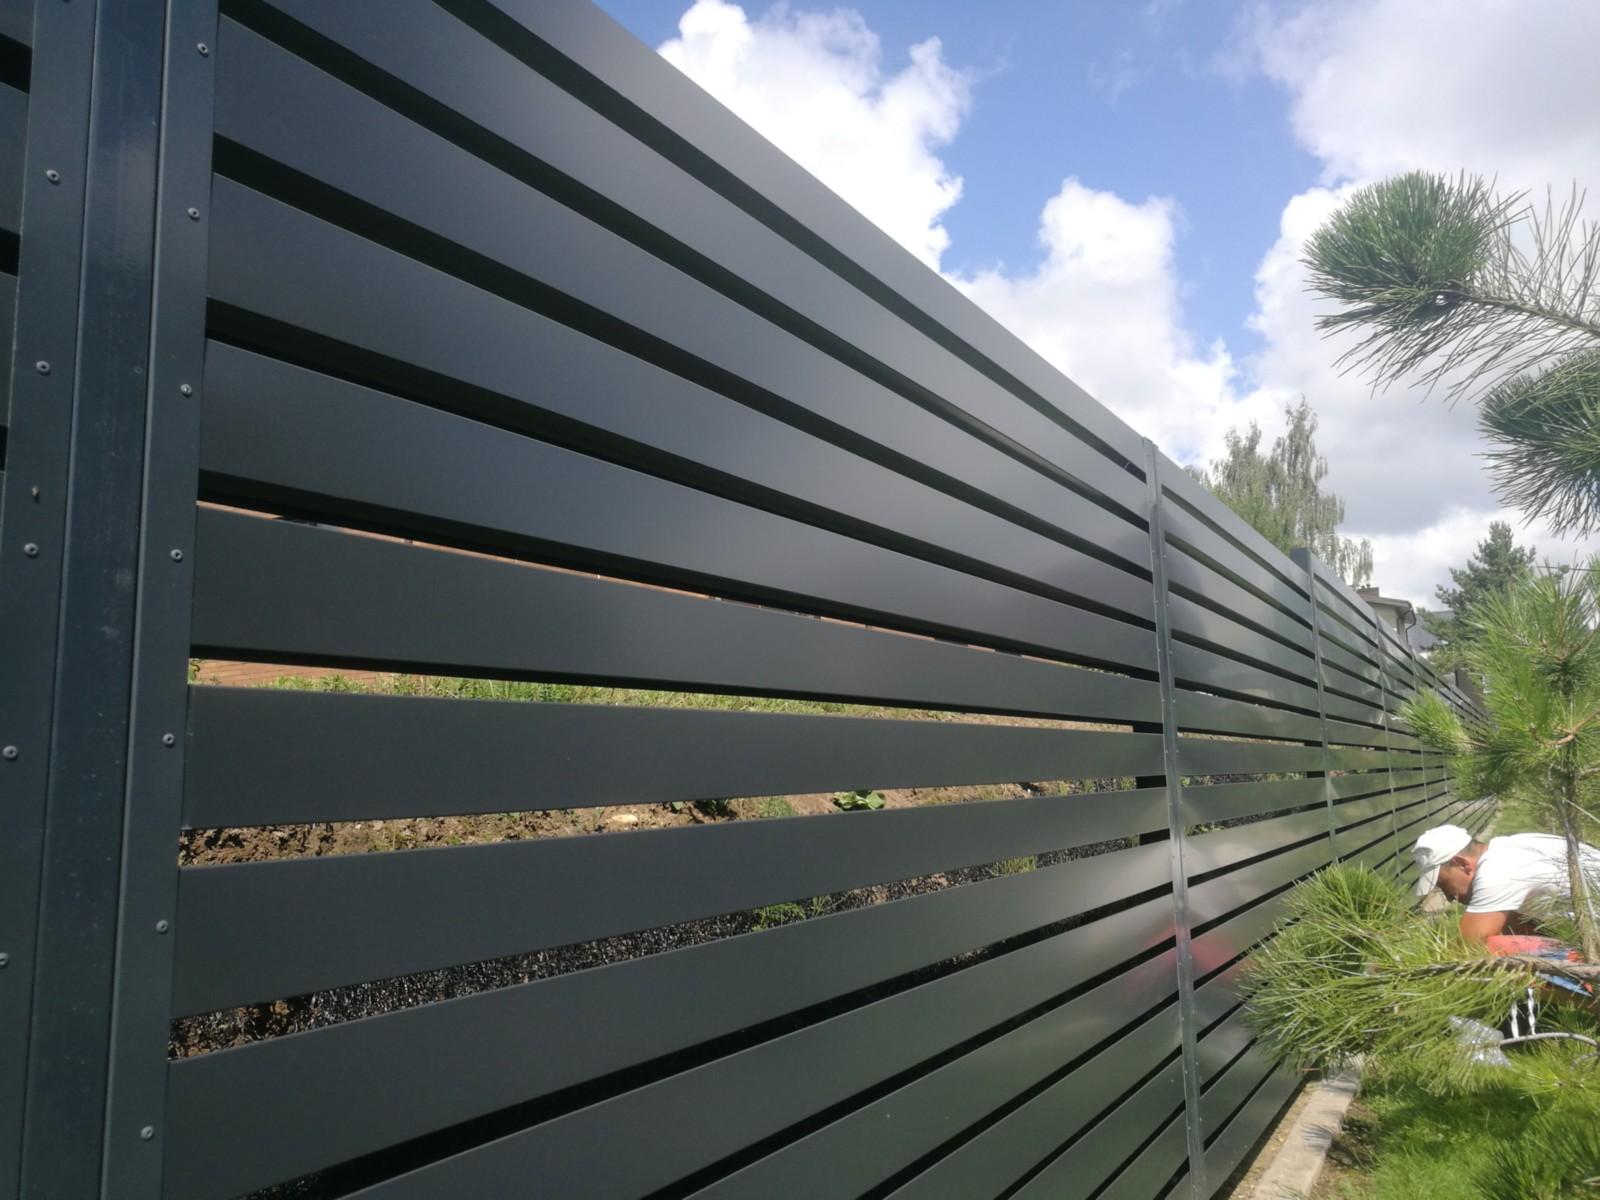 žaliuzinė vienpusė tvora, iš skardinių segmentų